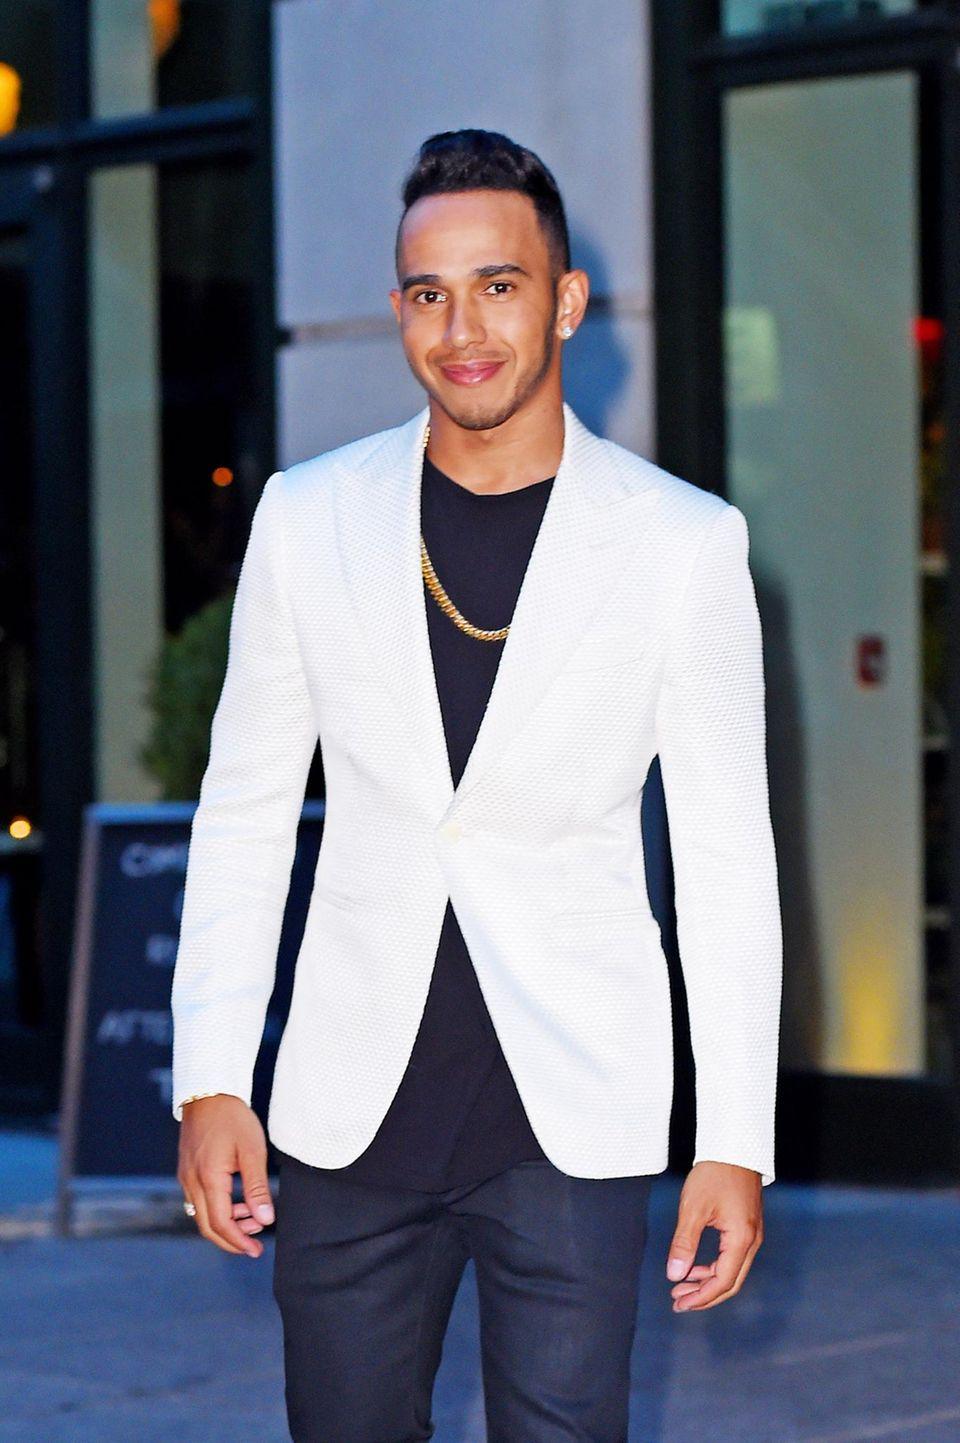 Lewis Hamilton: Zwei Superstars und heiße Blicke auf Barbados. Sommerflirt oder mehr? Tipp: Riri wird auch ihm irgendwann den Laufpass geben